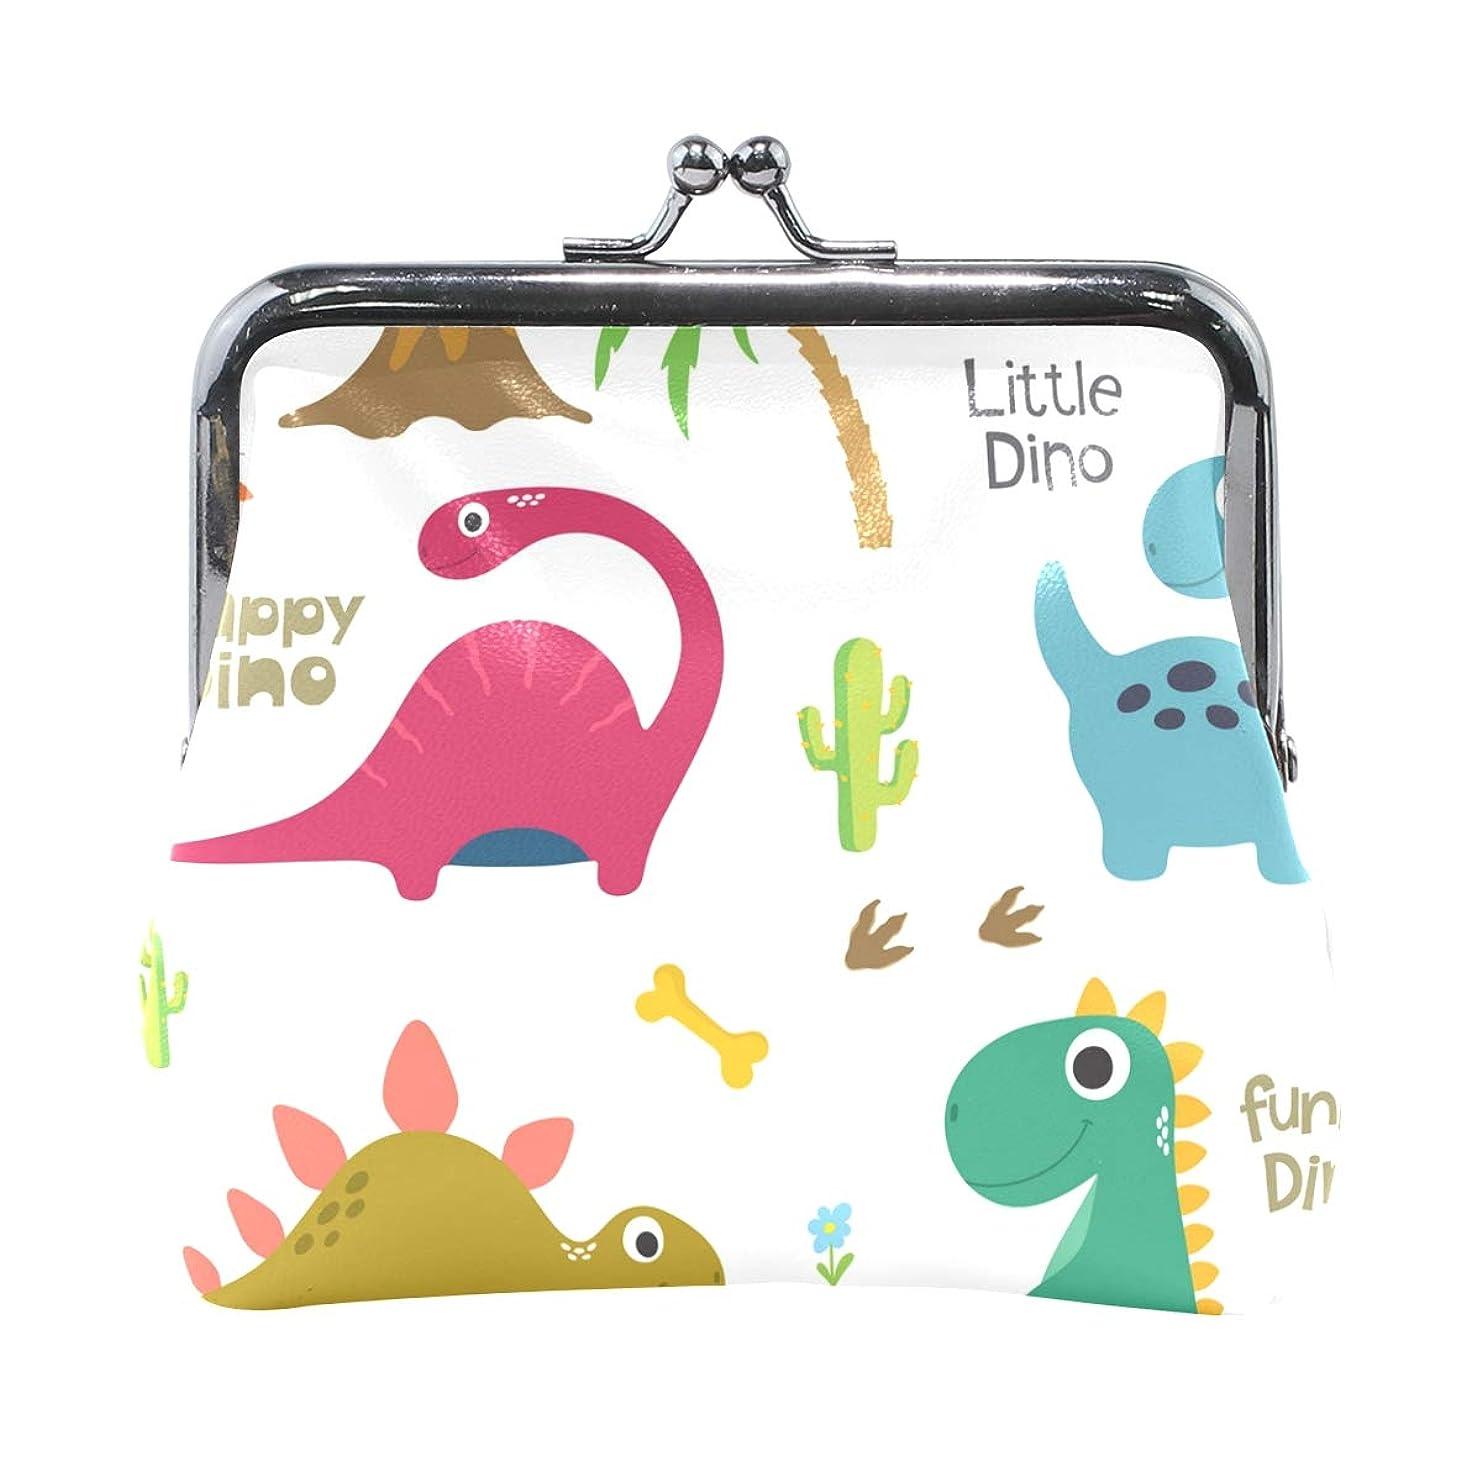 改善特徴ご覧くださいがま口 財布 口金 小銭入れ ポーチ 恐竜 動物 面白い ANNSIN バッグ かわいい 高級レザー レディース プレゼント ほど良いサイズ